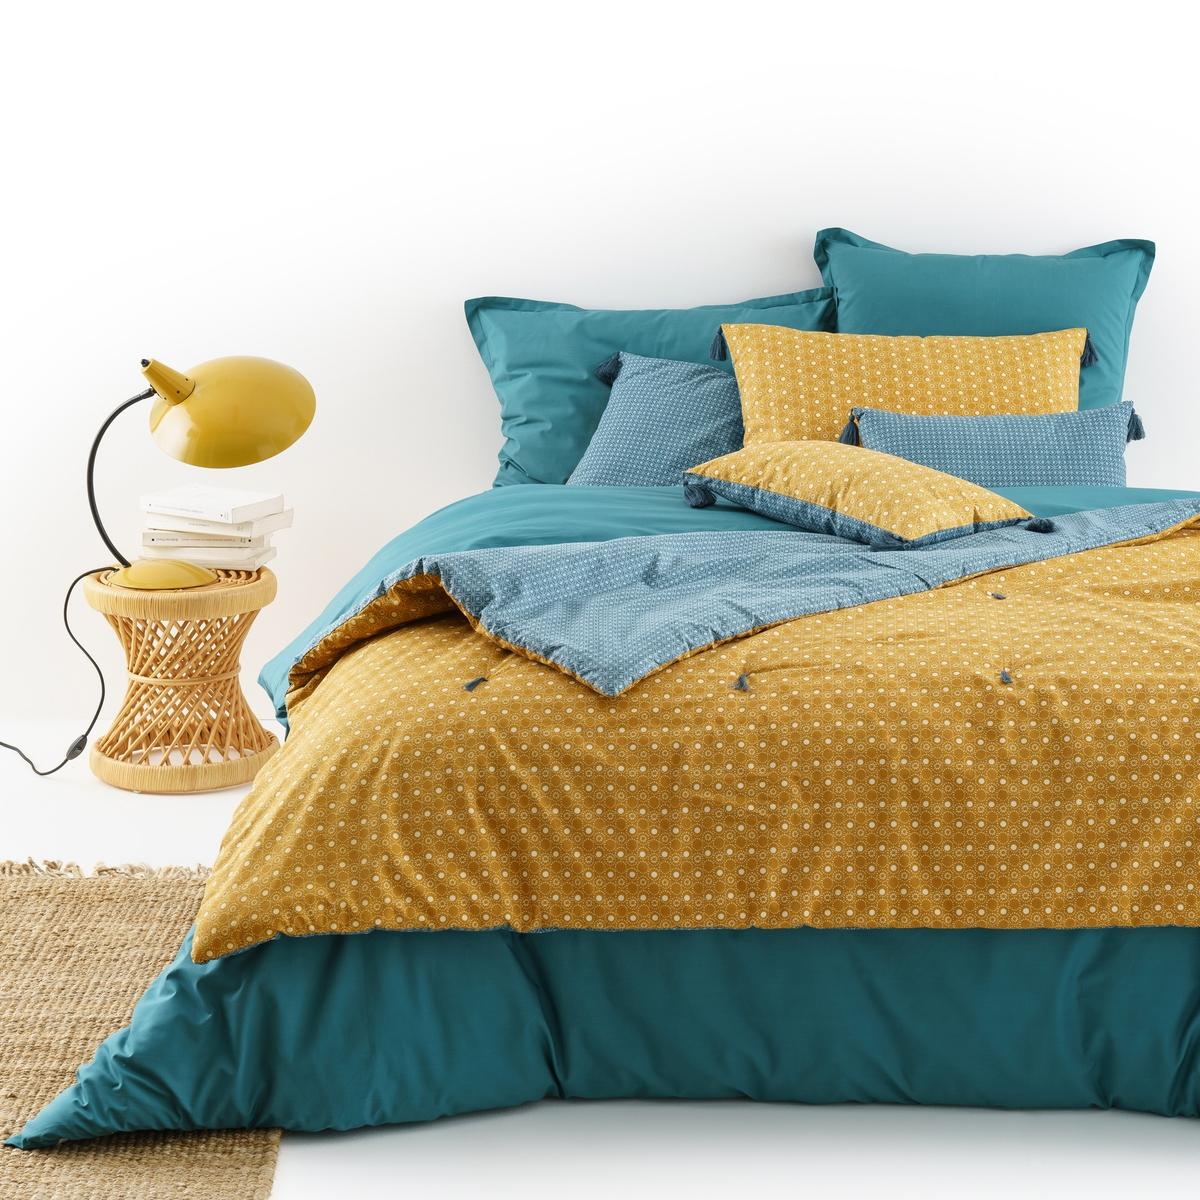 Одеяло стеганое из перкали, SHINTOХарактеристики одеяла Shinto :Качество BEST, требование качества.Верх из перкали 100% хлопок .Различные микромотивы с лицевой и оборотной сторон.Наполнитель 100% полиэстер (200 г/м?).Отделка  помпонами.Всю коллекцию Shinto Вы найдете на laredoute.ru Размеры одеяла Shinto :90 x 190 см150 x 150 смЗнак Oeko-Tex® гарантирует, что товары прошли проверку и были изготовлены без применения вредных для здоровья человека веществ.<br><br>Цвет: желтый/ синий